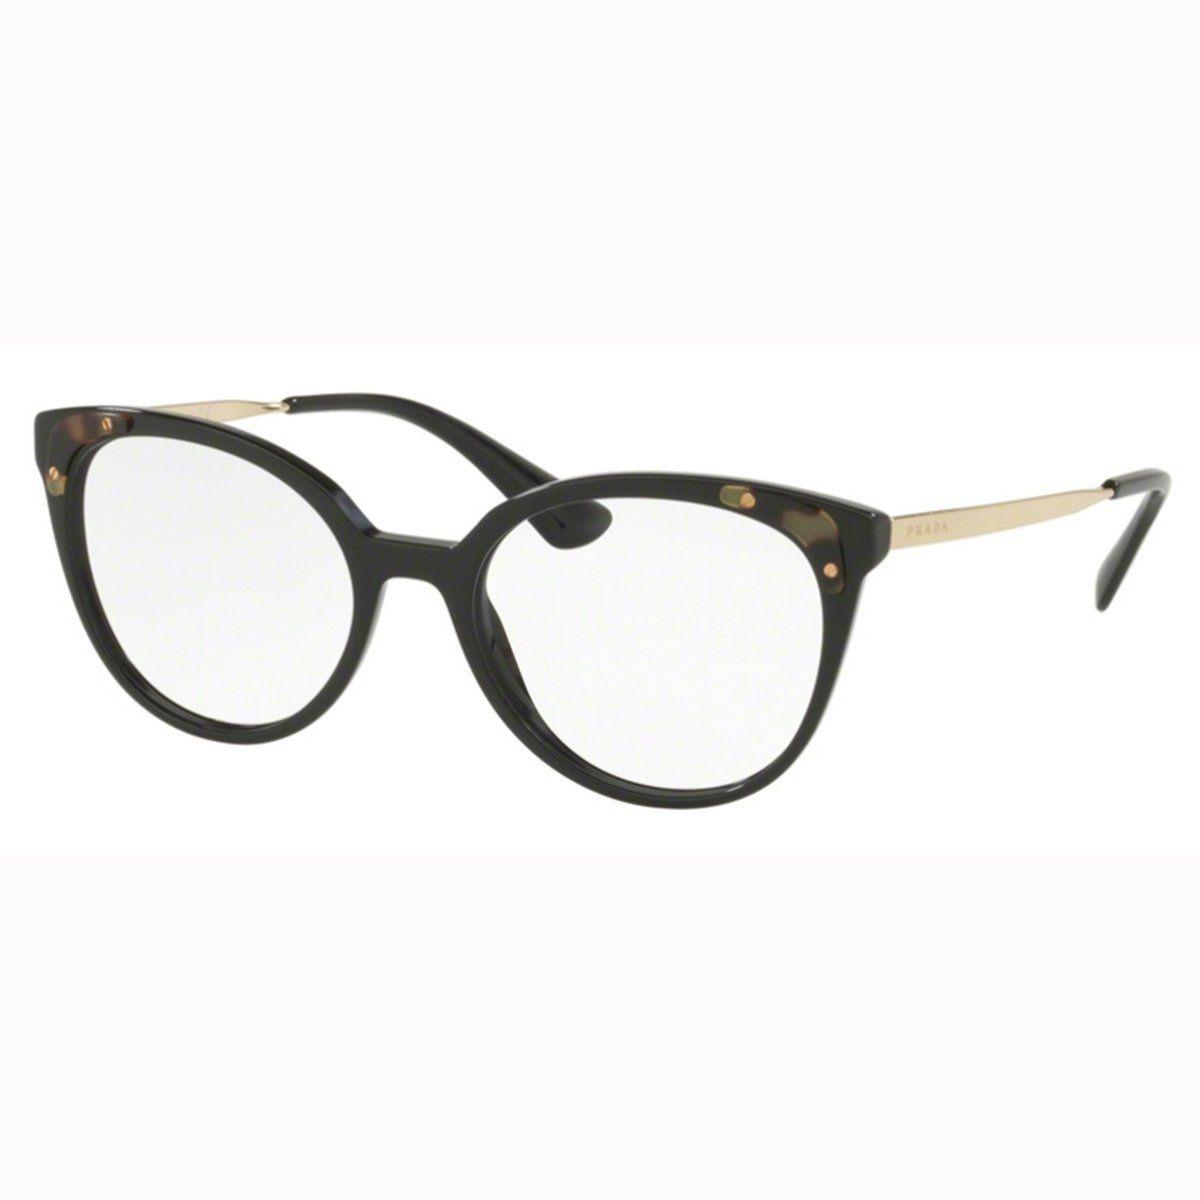 Armação Óculos De Grau Feminino Prada Vpr12u 1ab-101 - R  799,00 em ... 7efb83d985